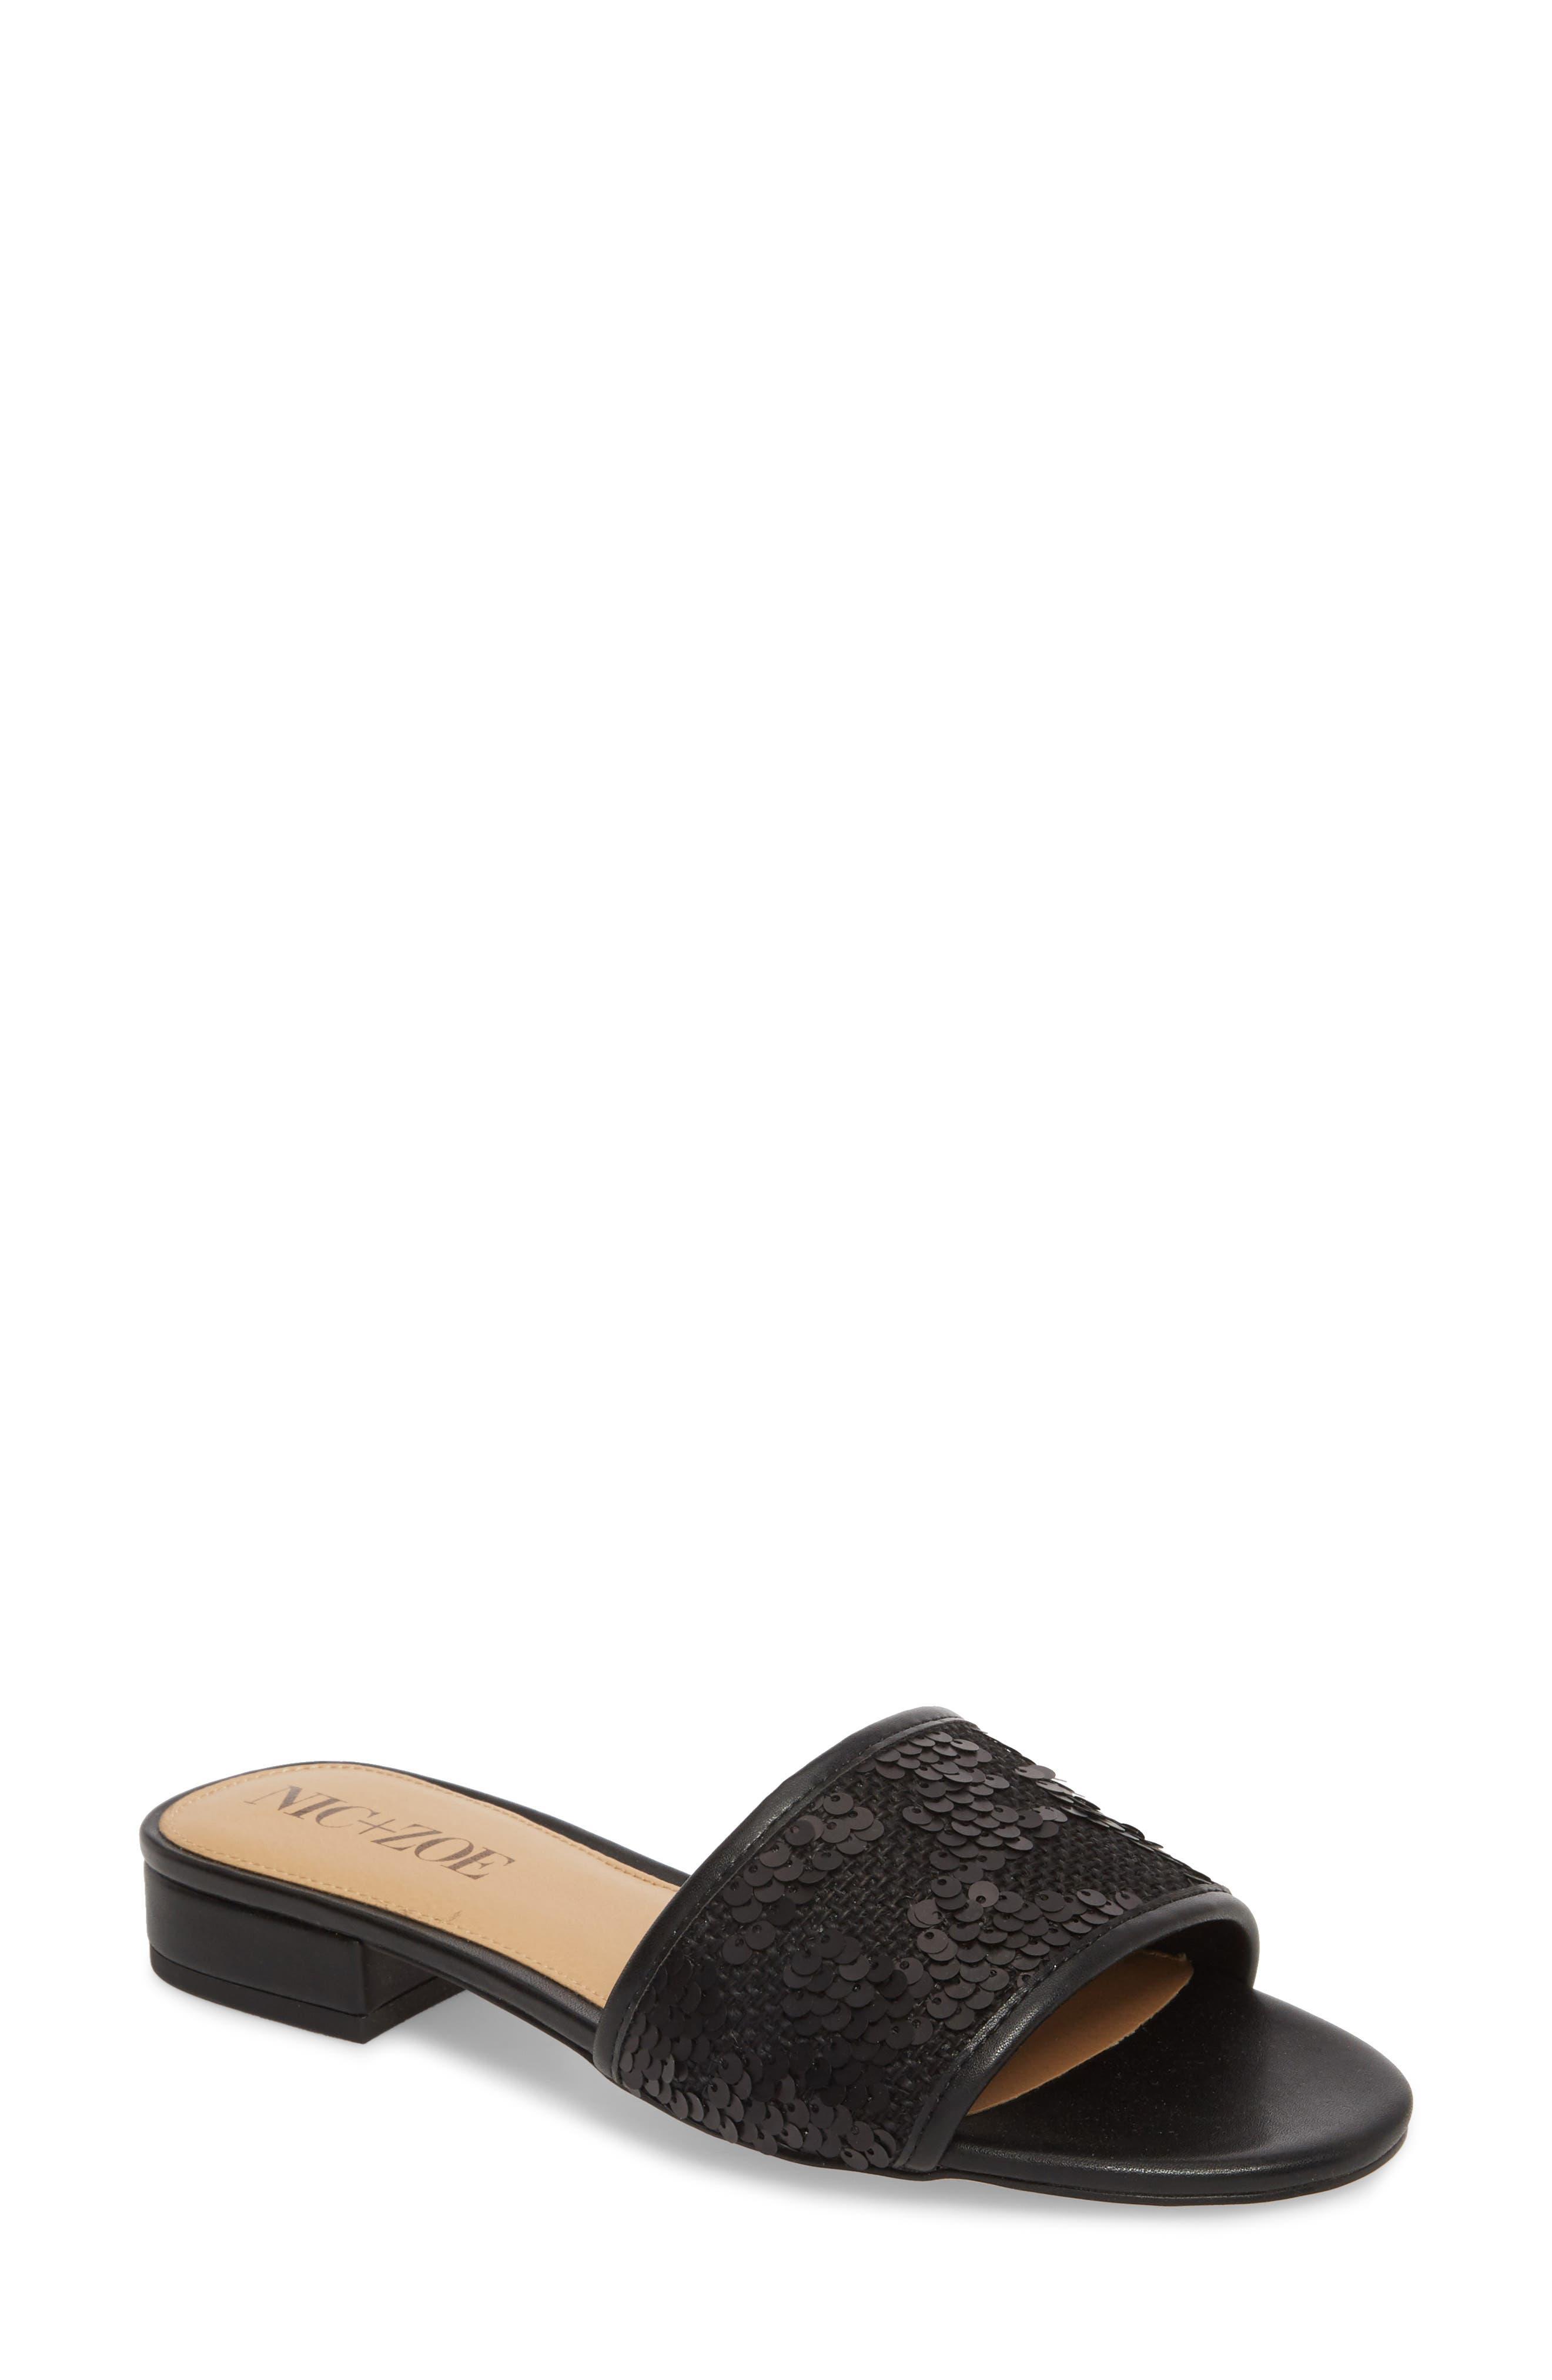 NIC + ZOE Sandy Sequin Low Heel Slide,                         Main,                         color, BLACK FABRIC